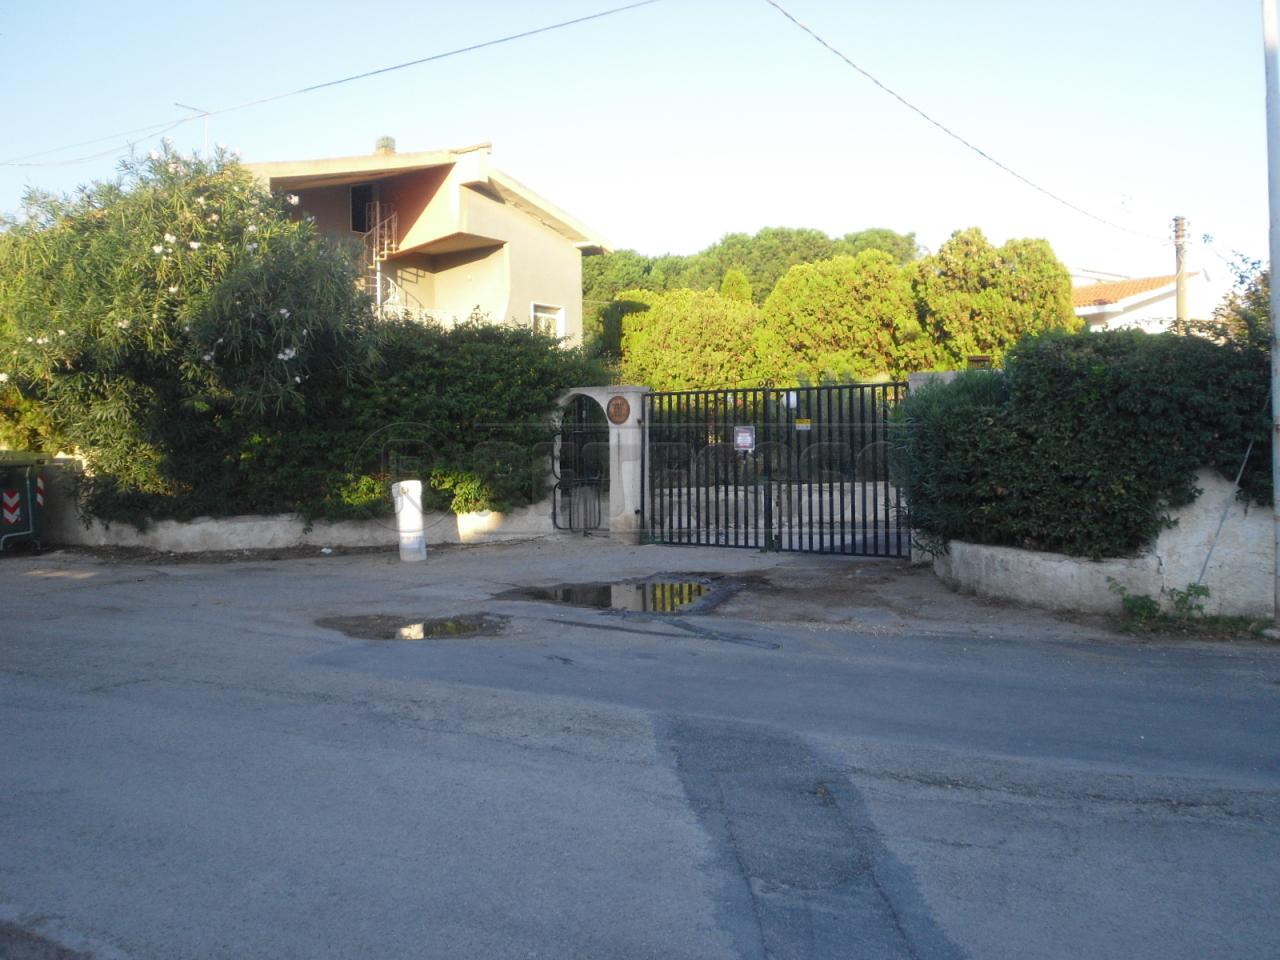 Villa in vendita a Siracusa, 8 locali, prezzo € 180.000 | Cambio Casa.it